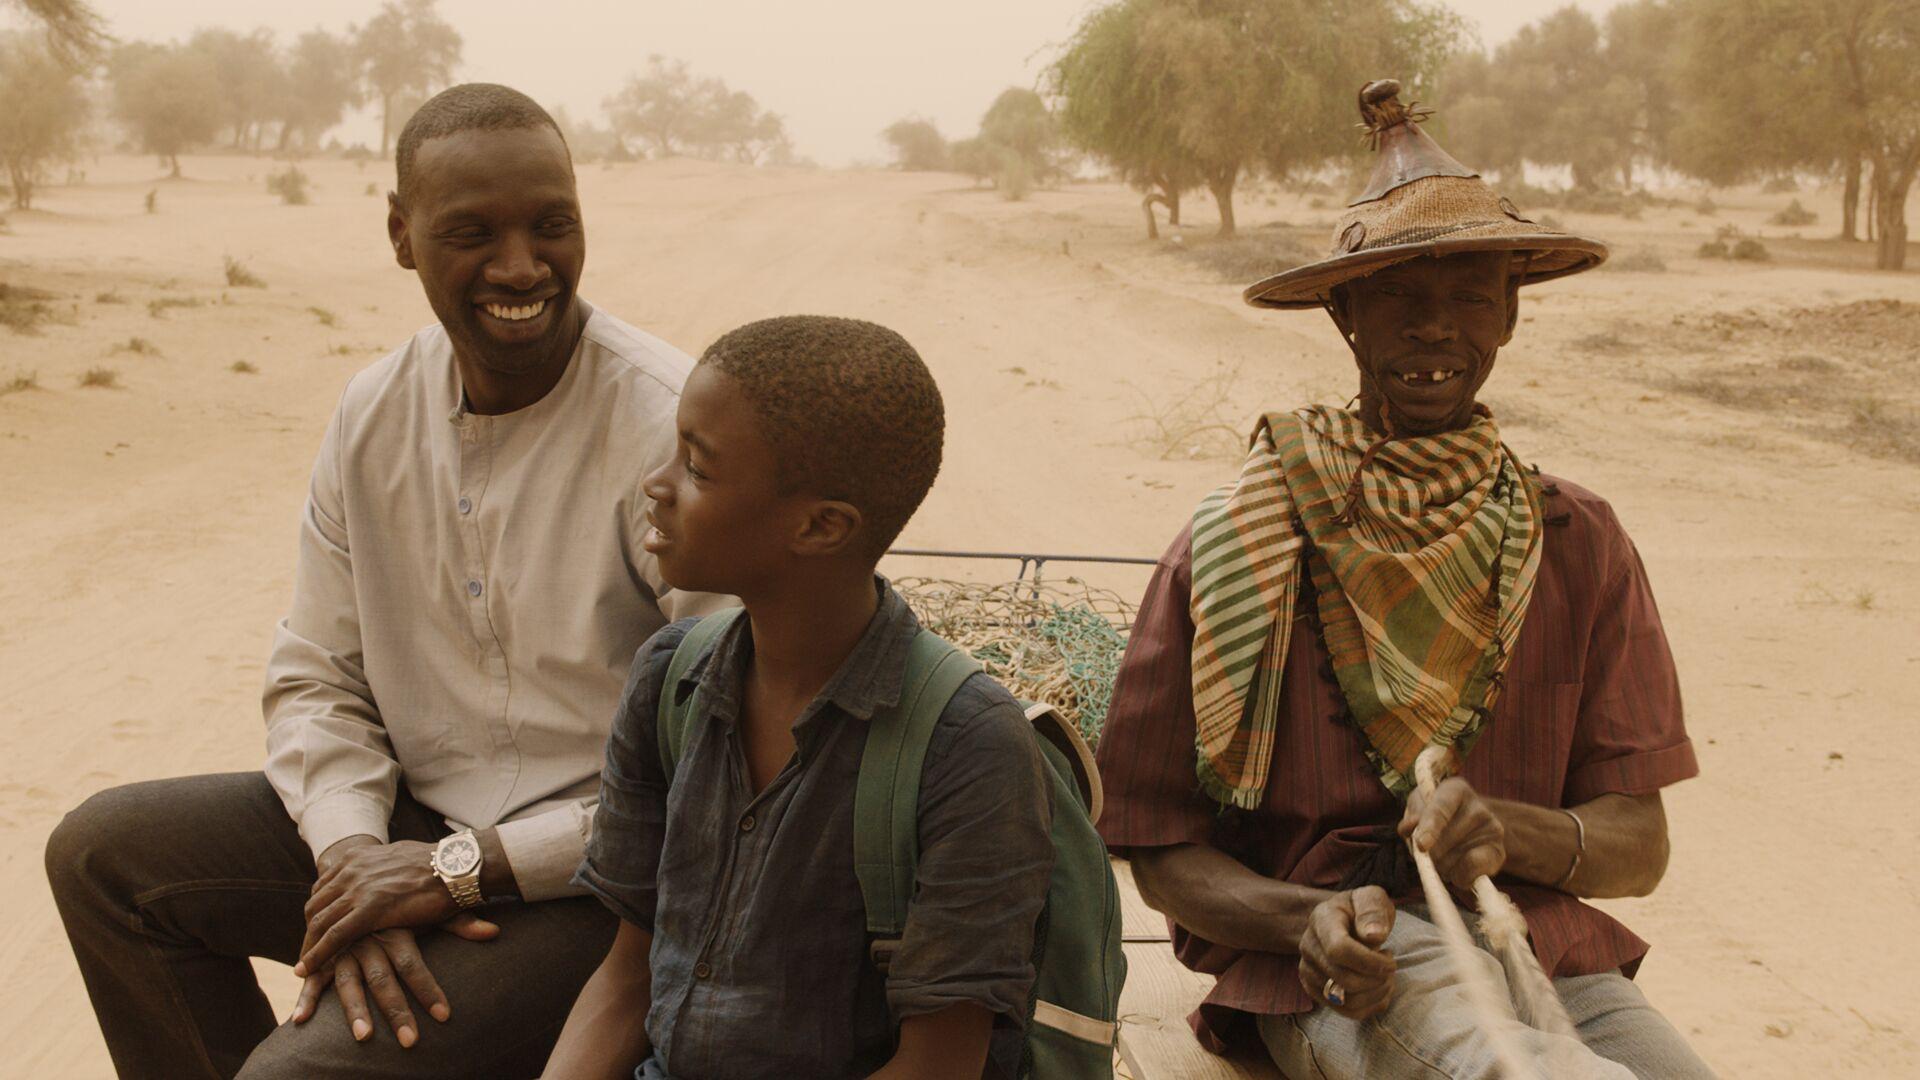 Na mesma semana em que estreia Rei Leão, filme mostra a realidade africana